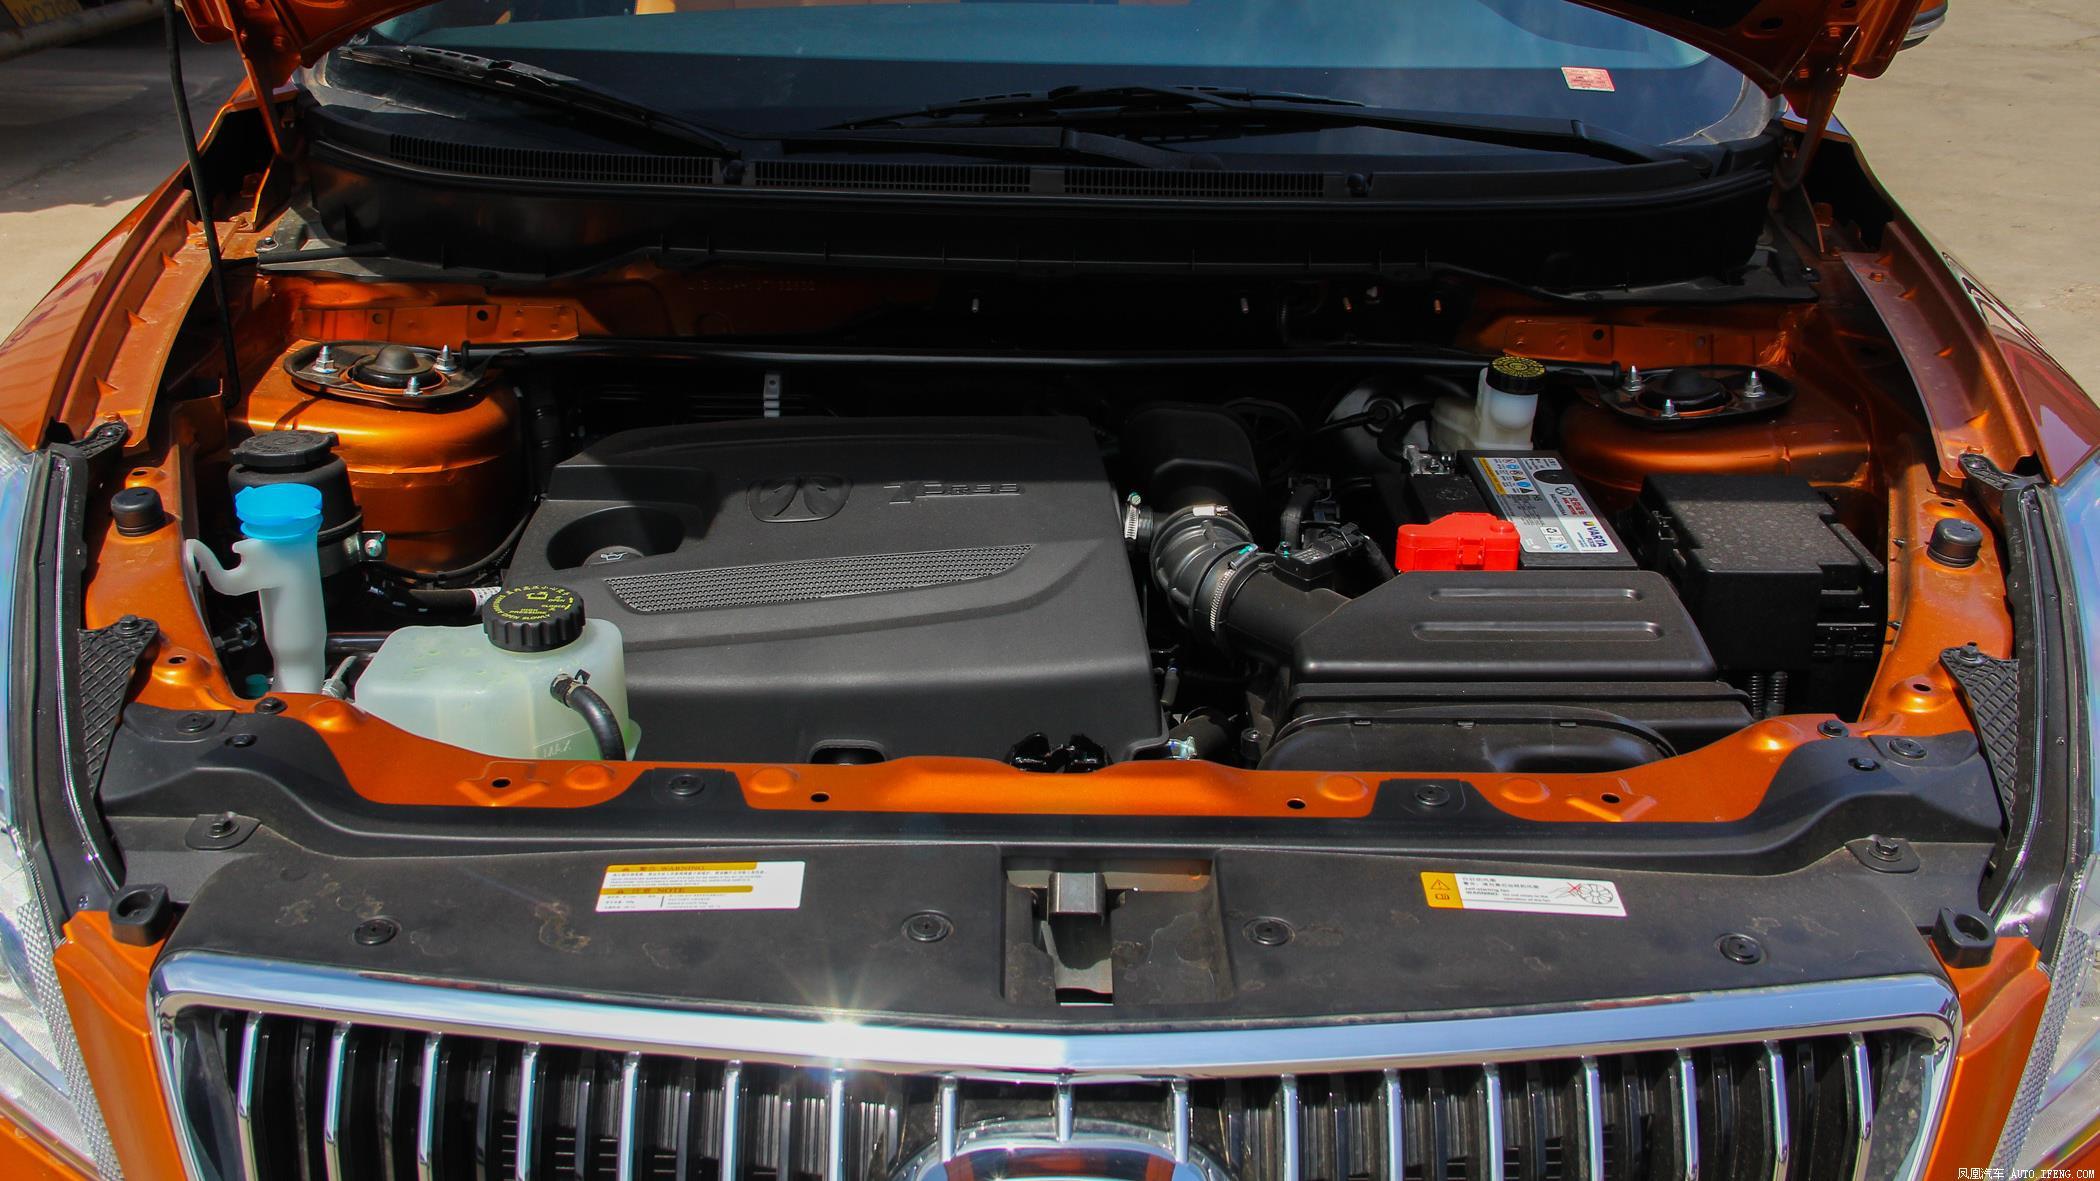 哪些国产品牌在用三菱淘汰的发动机?怪不得卖不好